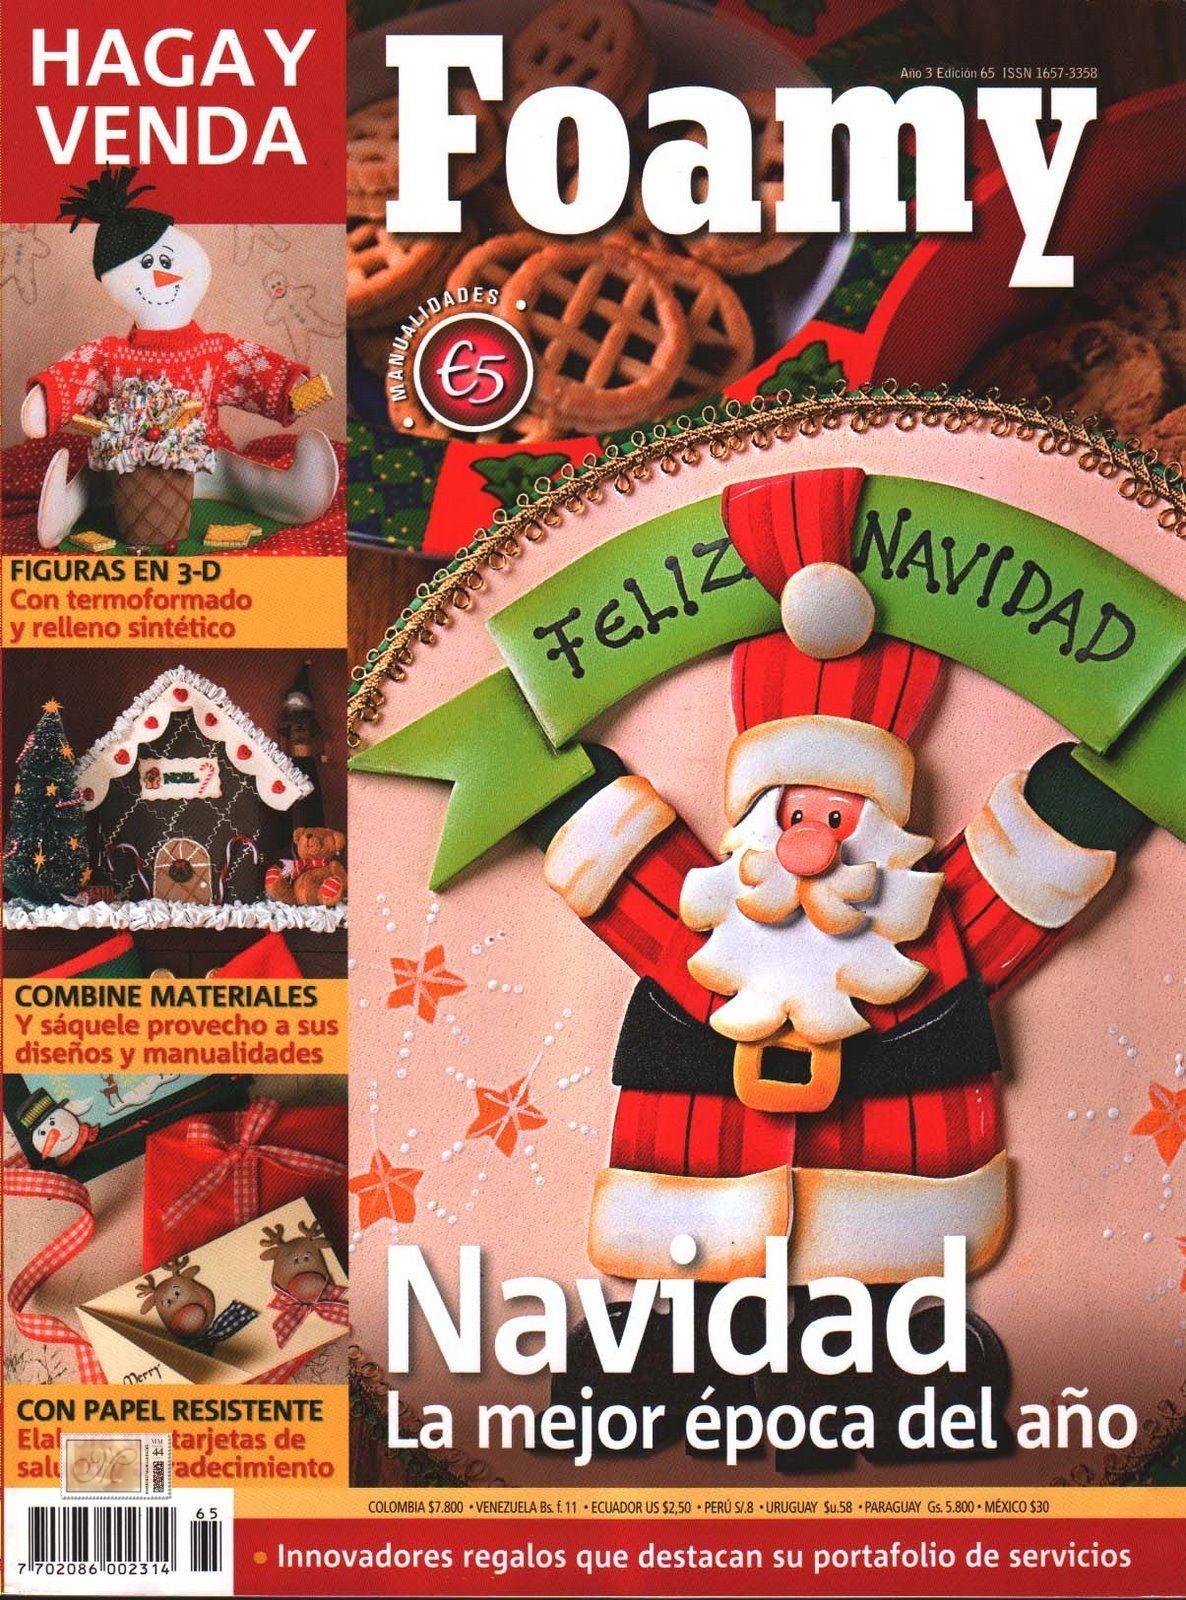 Revista: Haga y veda No. 65. Foamy